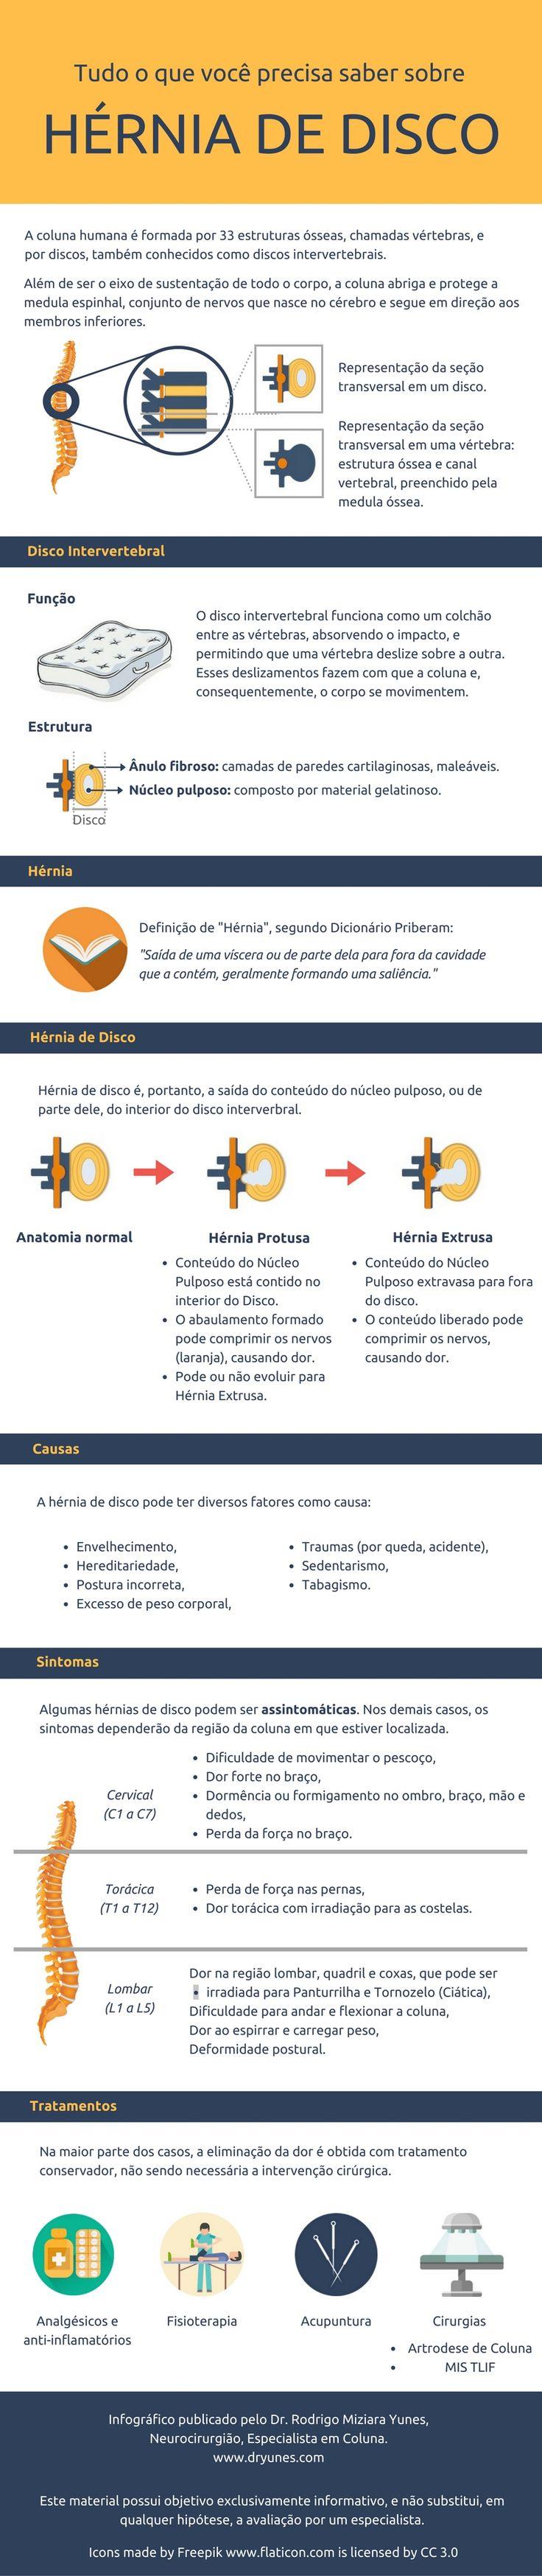 [Infográfico] Hérnia de disco lombar é uma condição muito comum. Neste infográfico, saiba como ela se forma, suas causas, principais sintomas e tratamentos. Acesse também http://www.dryunes.com/doencas-da-coluna/hernia-de-disco/hernia-de-disco-lombar/.